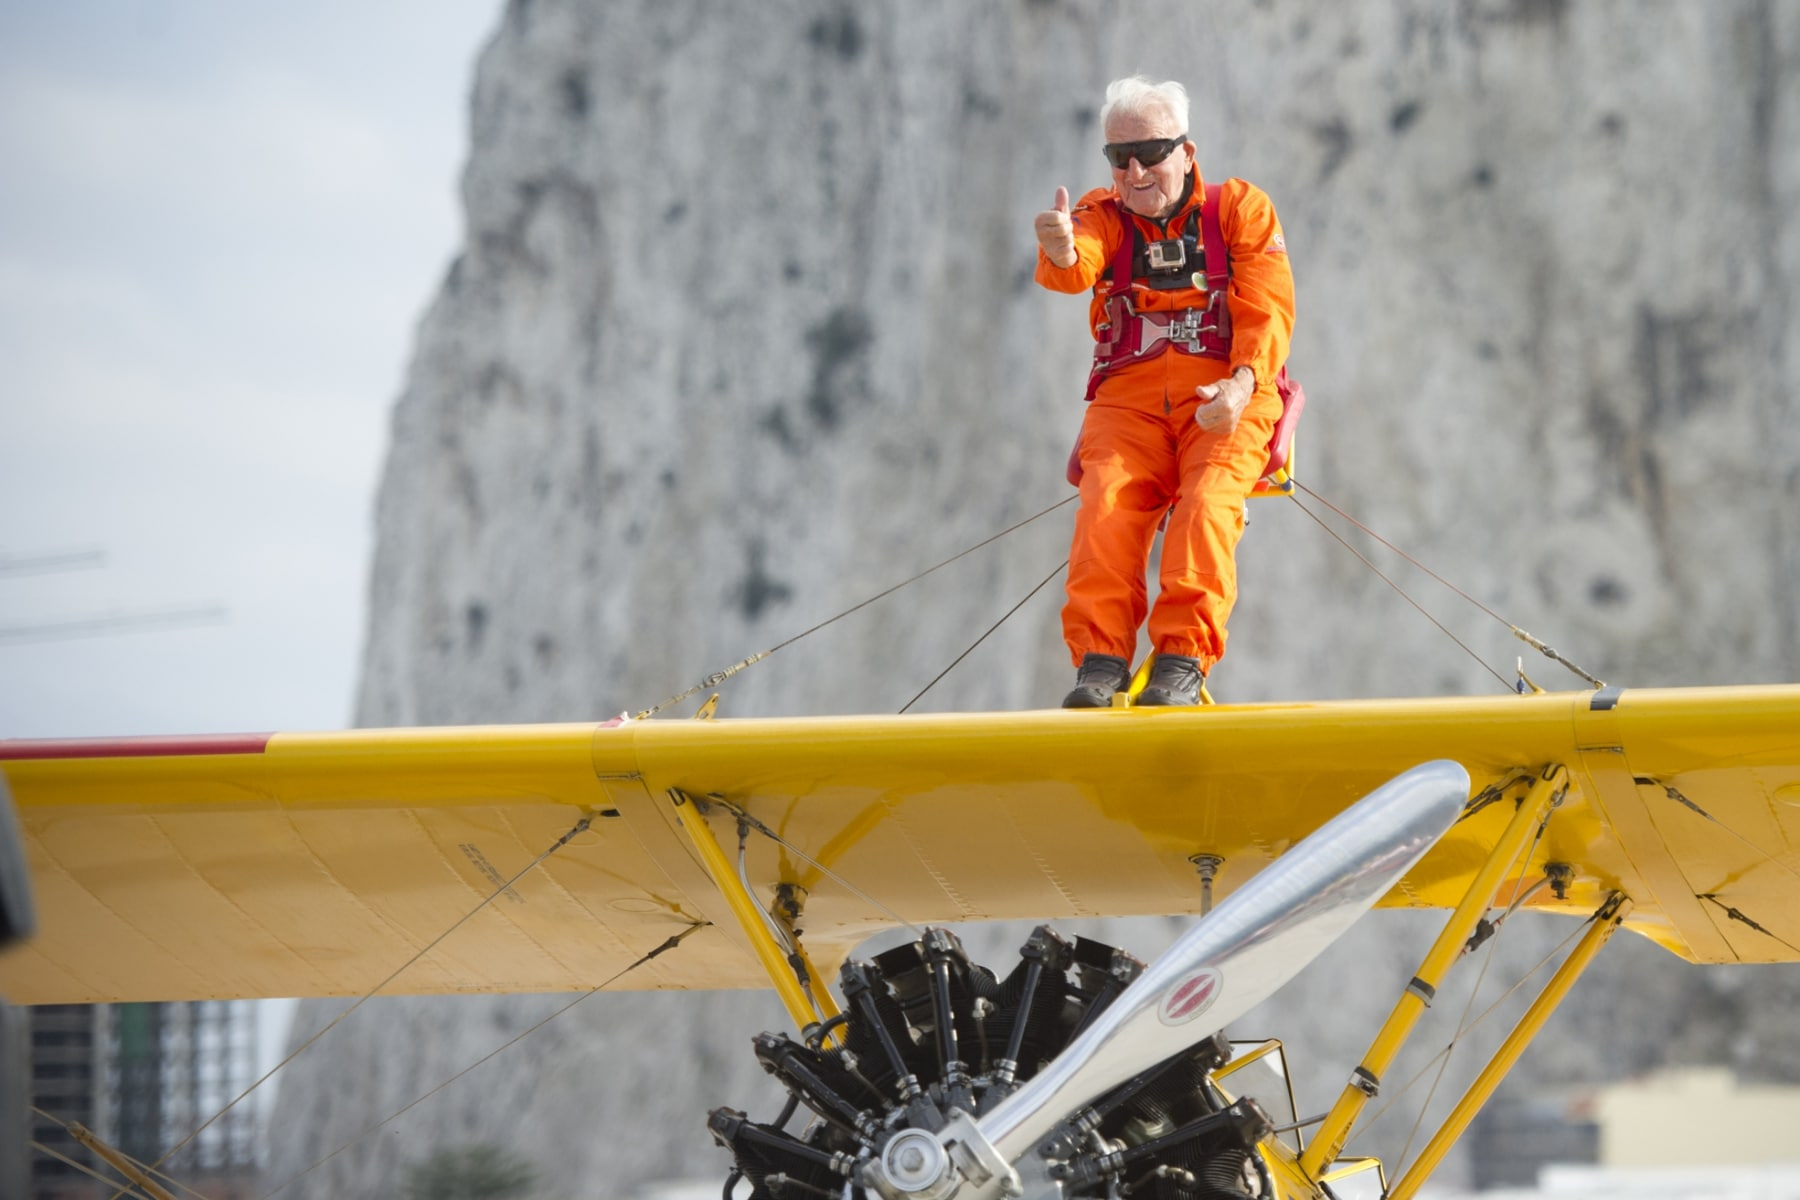 tom-lackey-acrobata-aereo-de-94-anos-en-gibraltar-10102014-12_15329665857_o